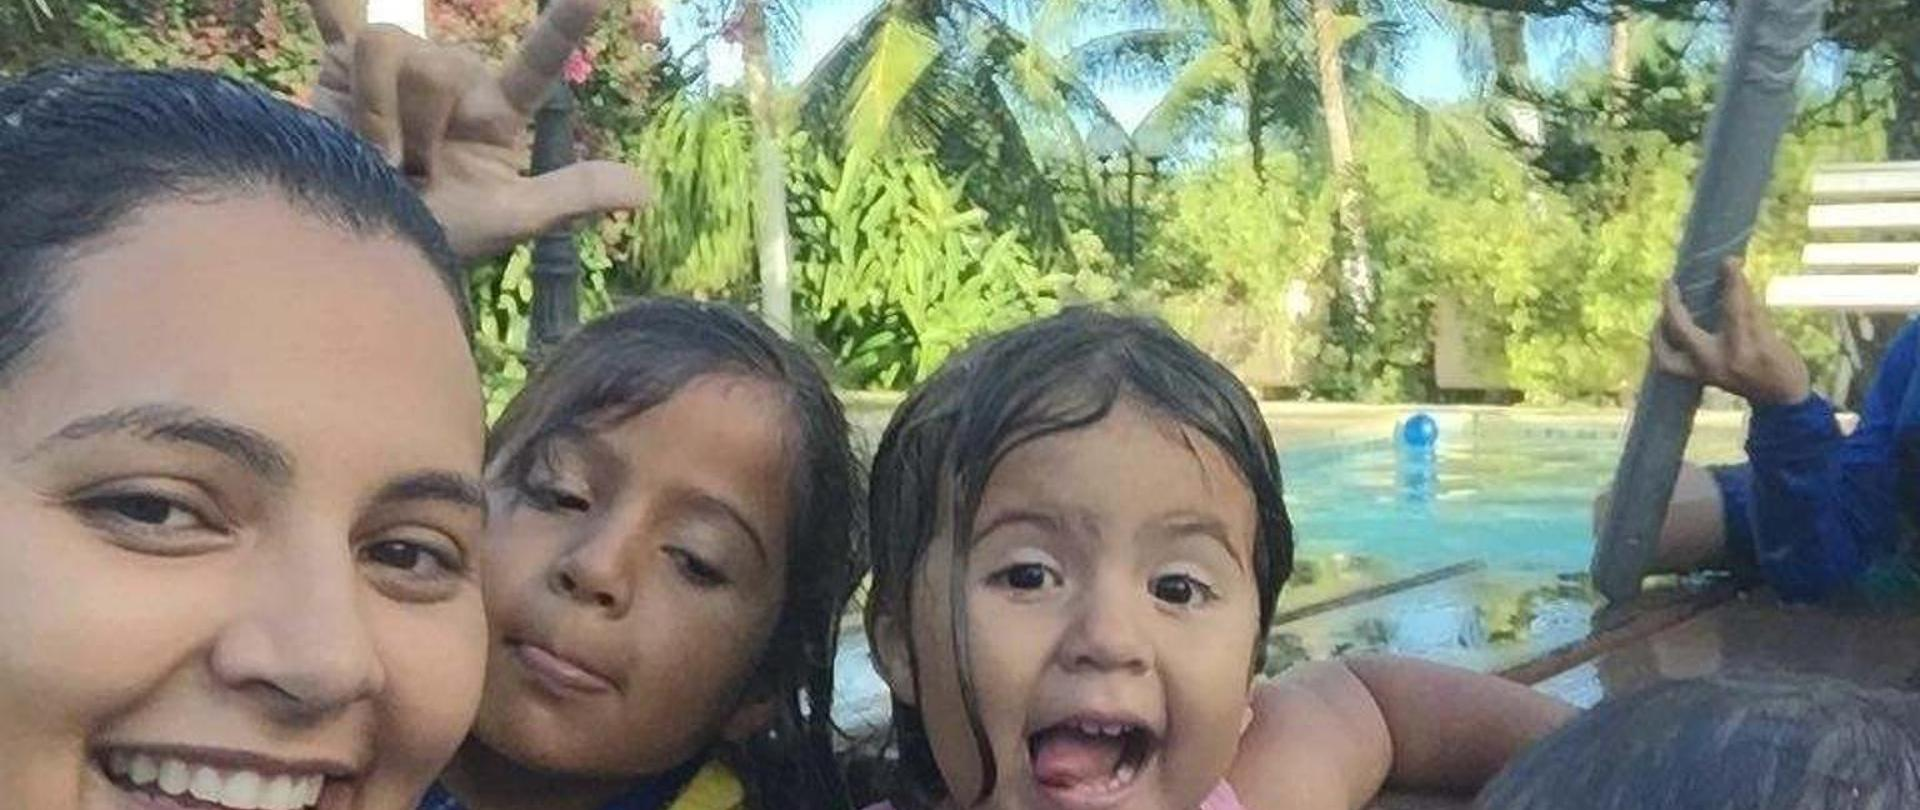 familia-piscina-1.jpg